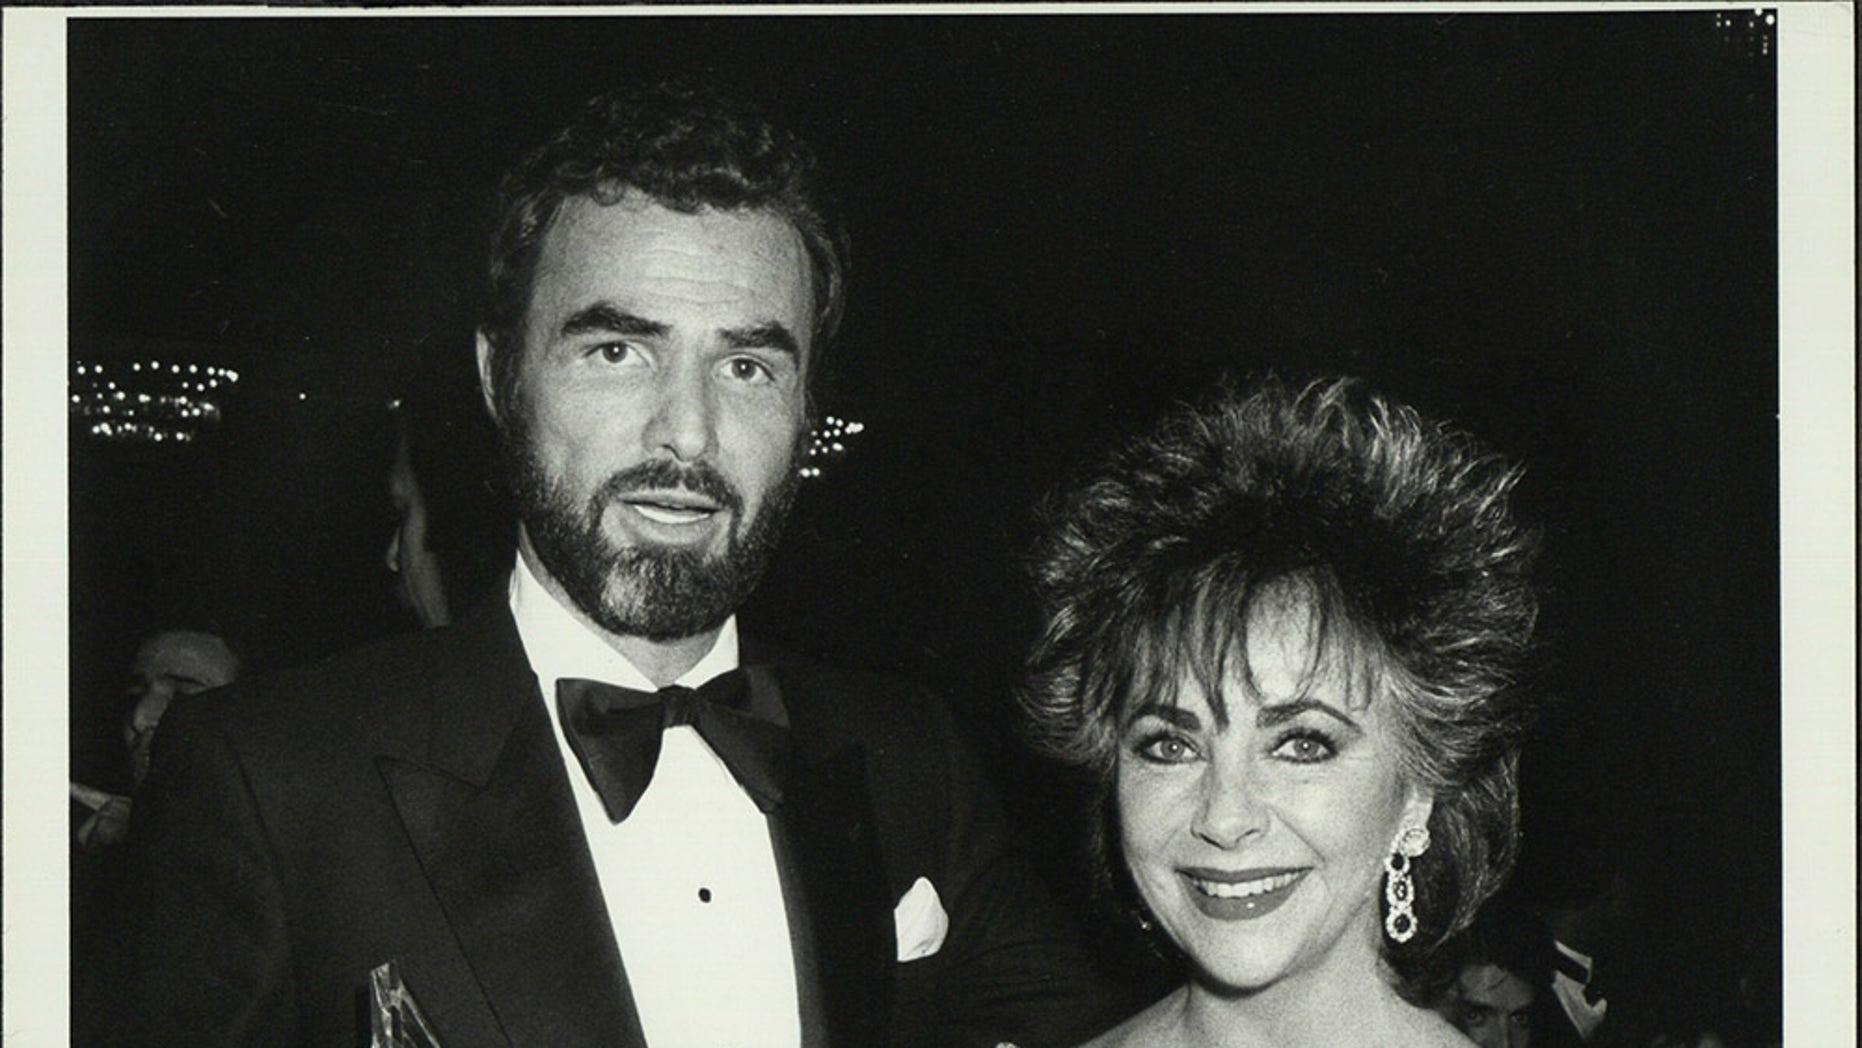 Burt Reynolds and Elizabeth Taylor.